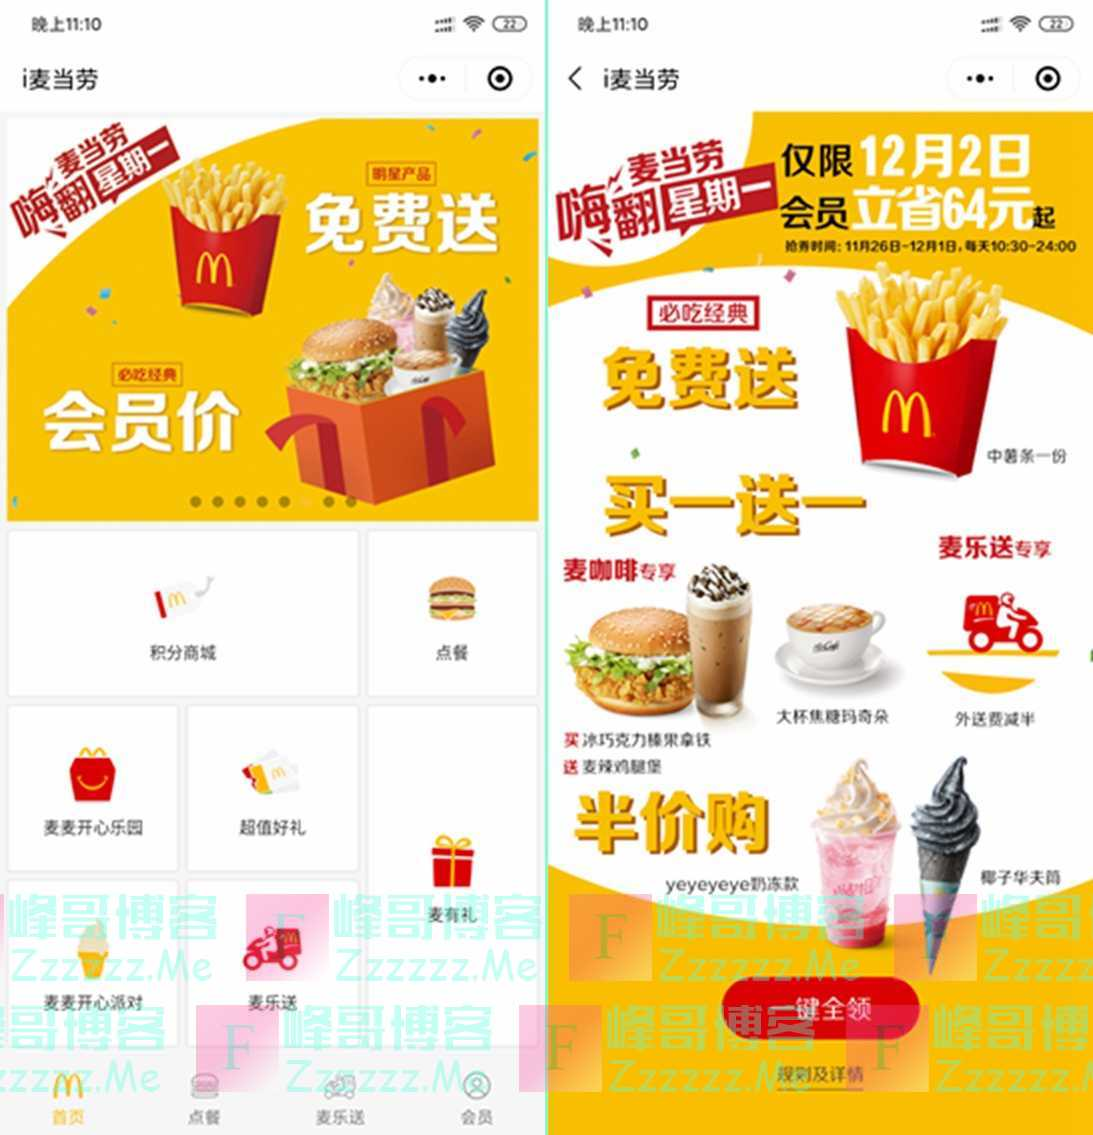 麦当劳嗨翻星期一使用8个积分兑换免费中薯条一份等7张优惠券!